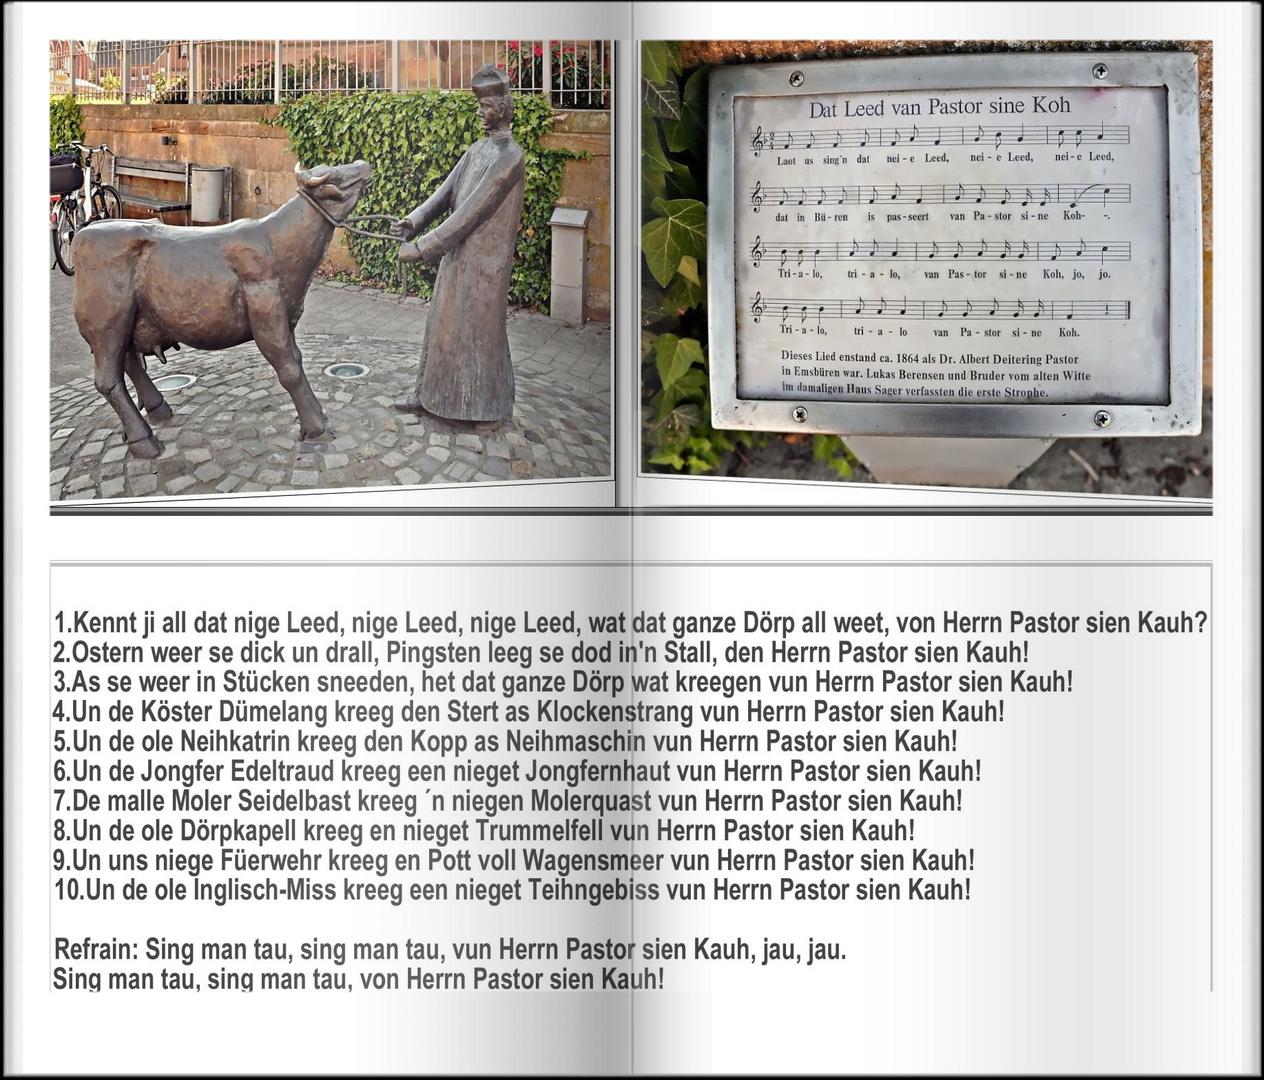 ... aus dem ländlichen Liederbuch